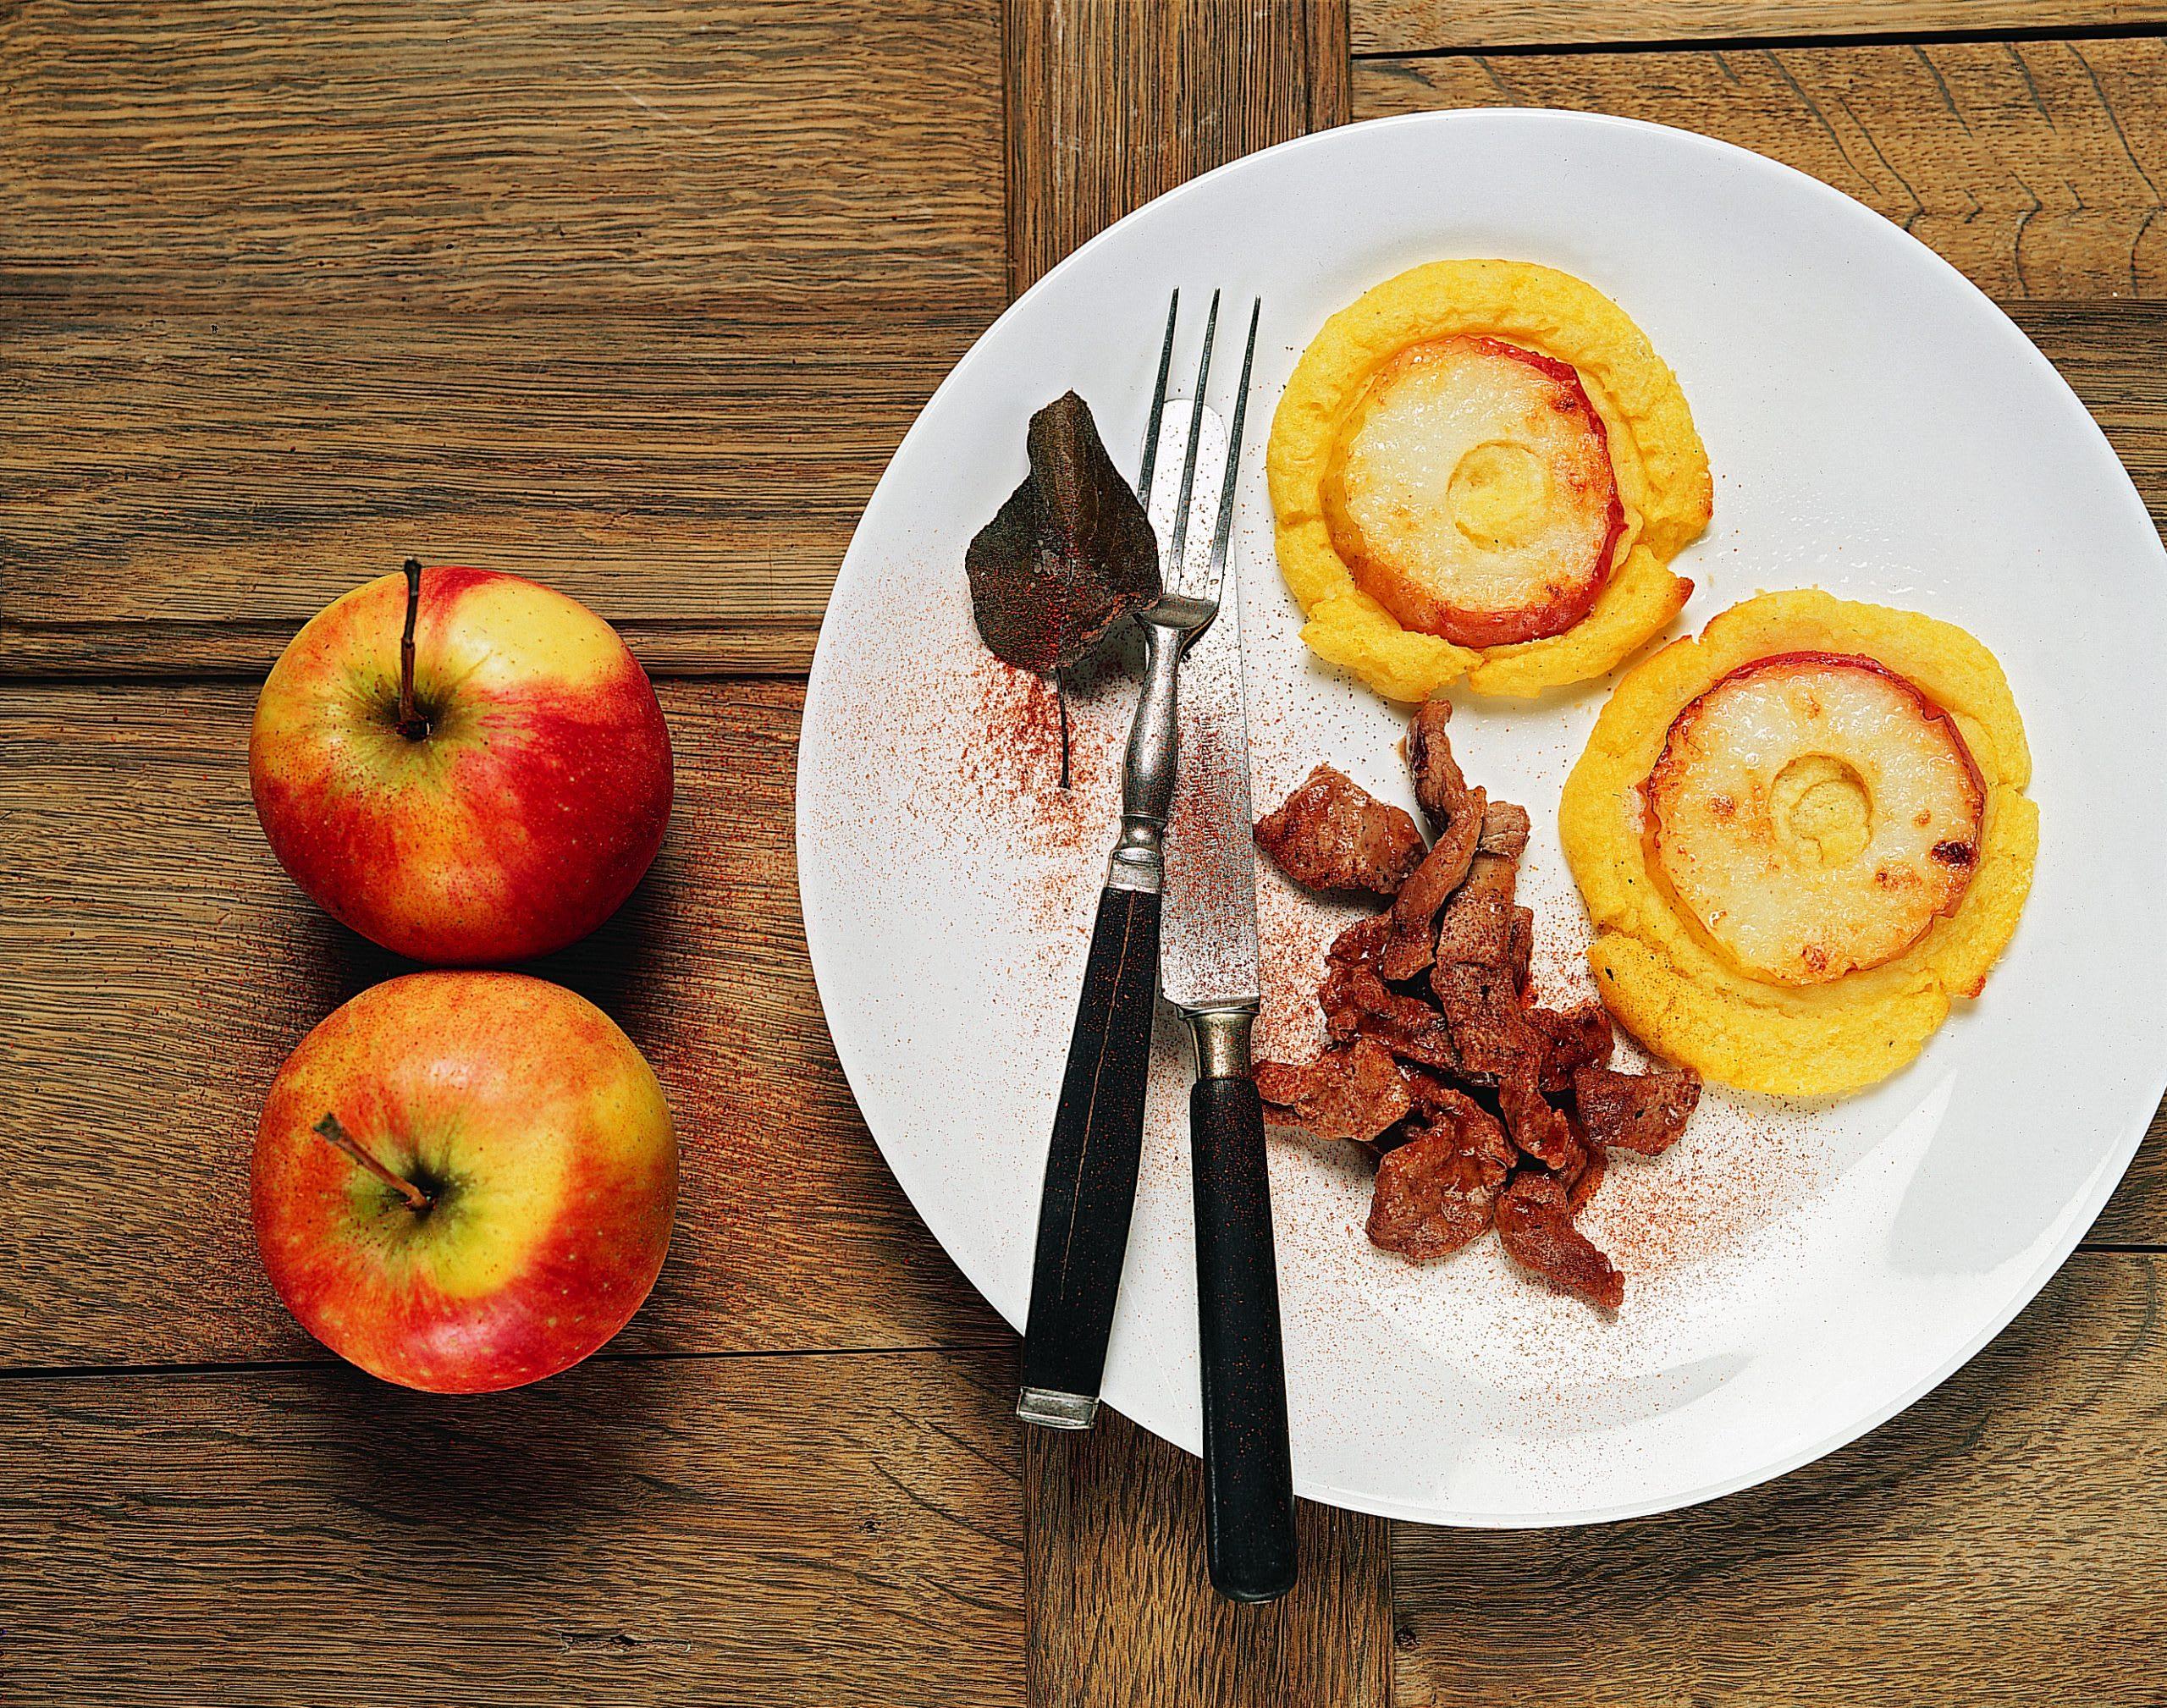 Pommes reinette et pommes mousseline